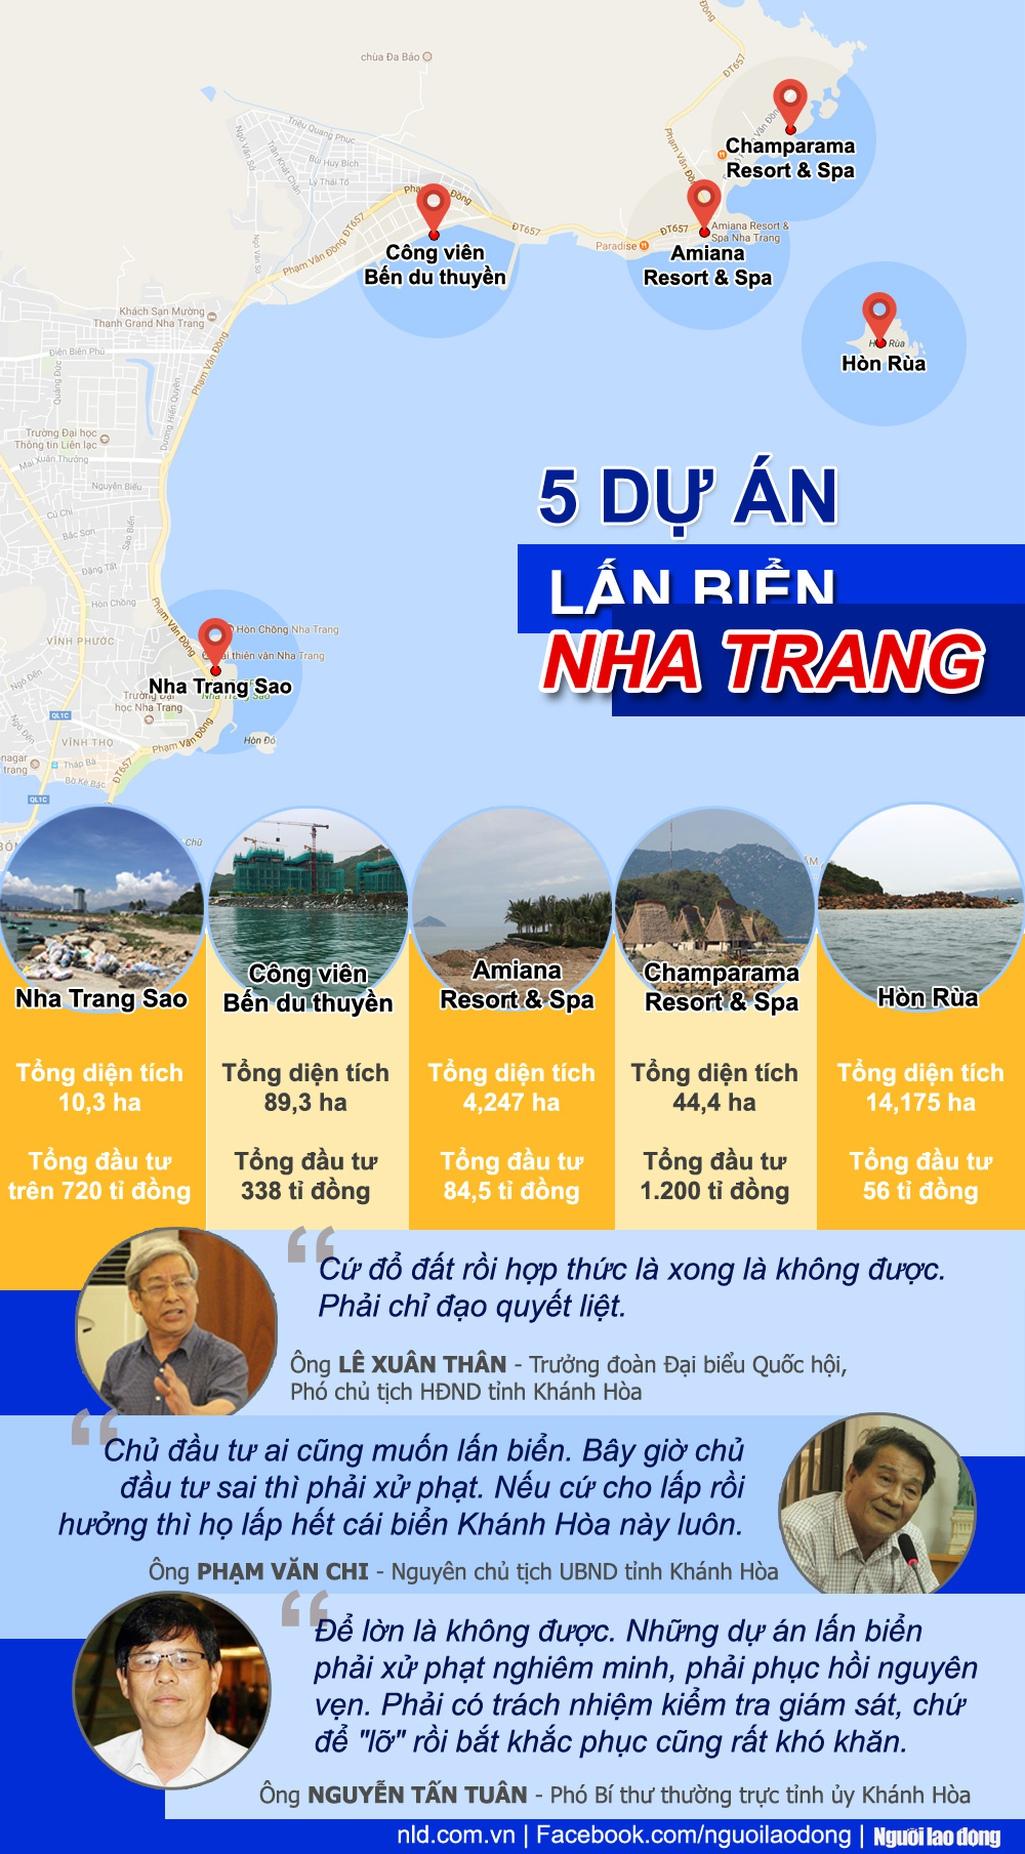 [Infographic] Toàn cảnh 5 dự án lấn vịnh Nha Trang - Ảnh 1.